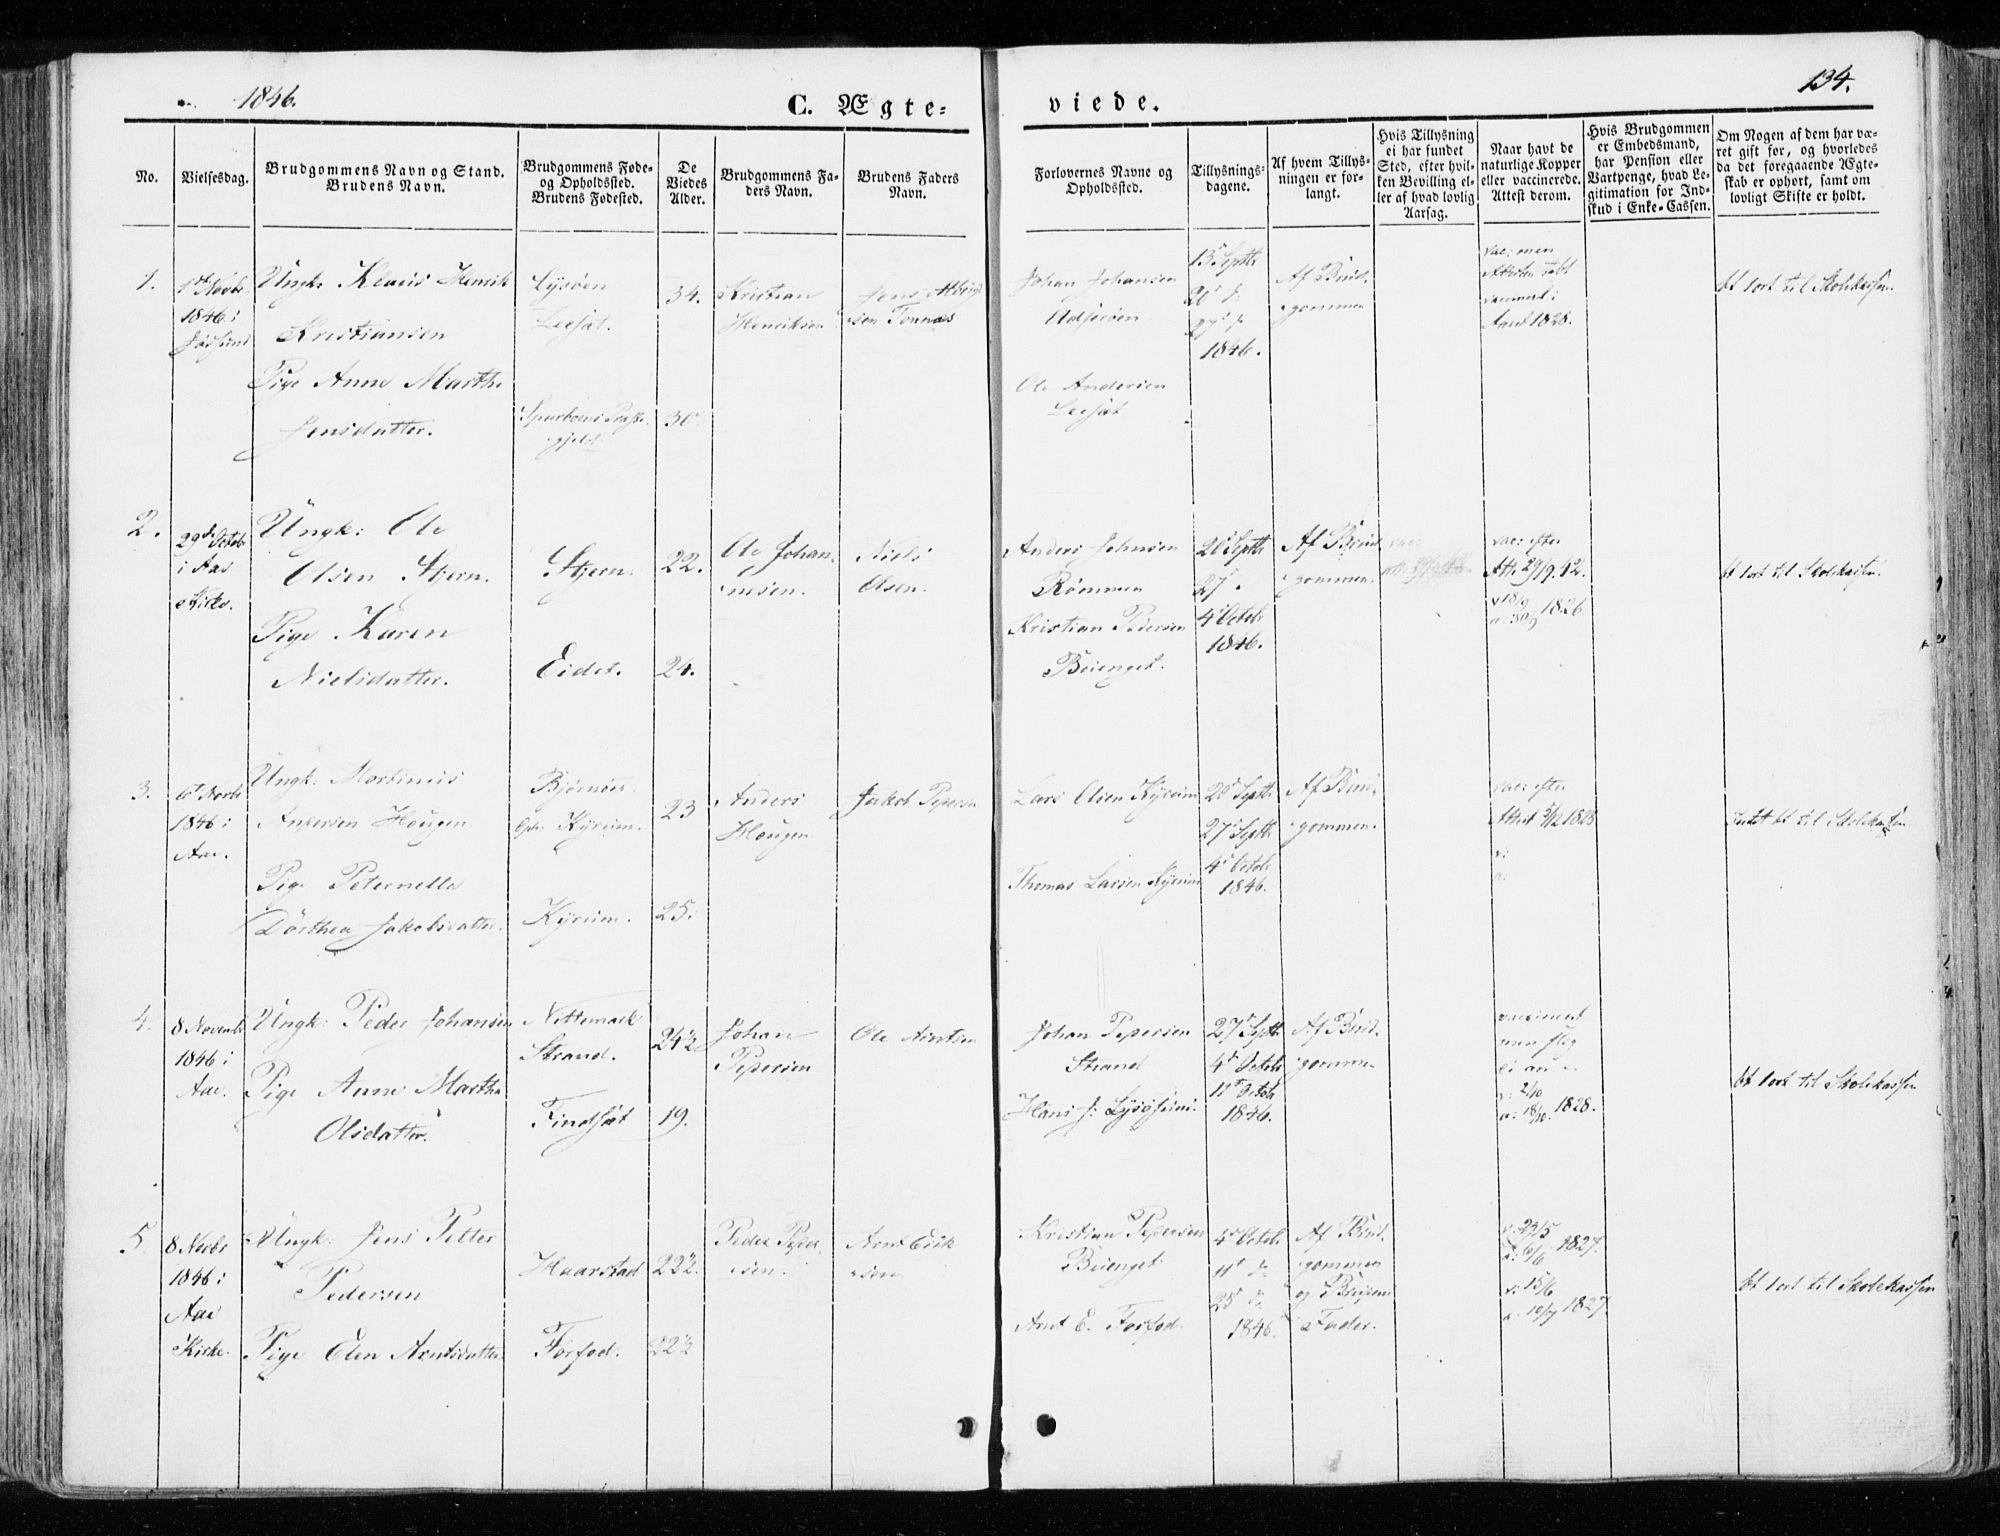 SAT, Ministerialprotokoller, klokkerbøker og fødselsregistre - Sør-Trøndelag, 655/L0677: Ministerialbok nr. 655A06, 1847-1860, s. 134